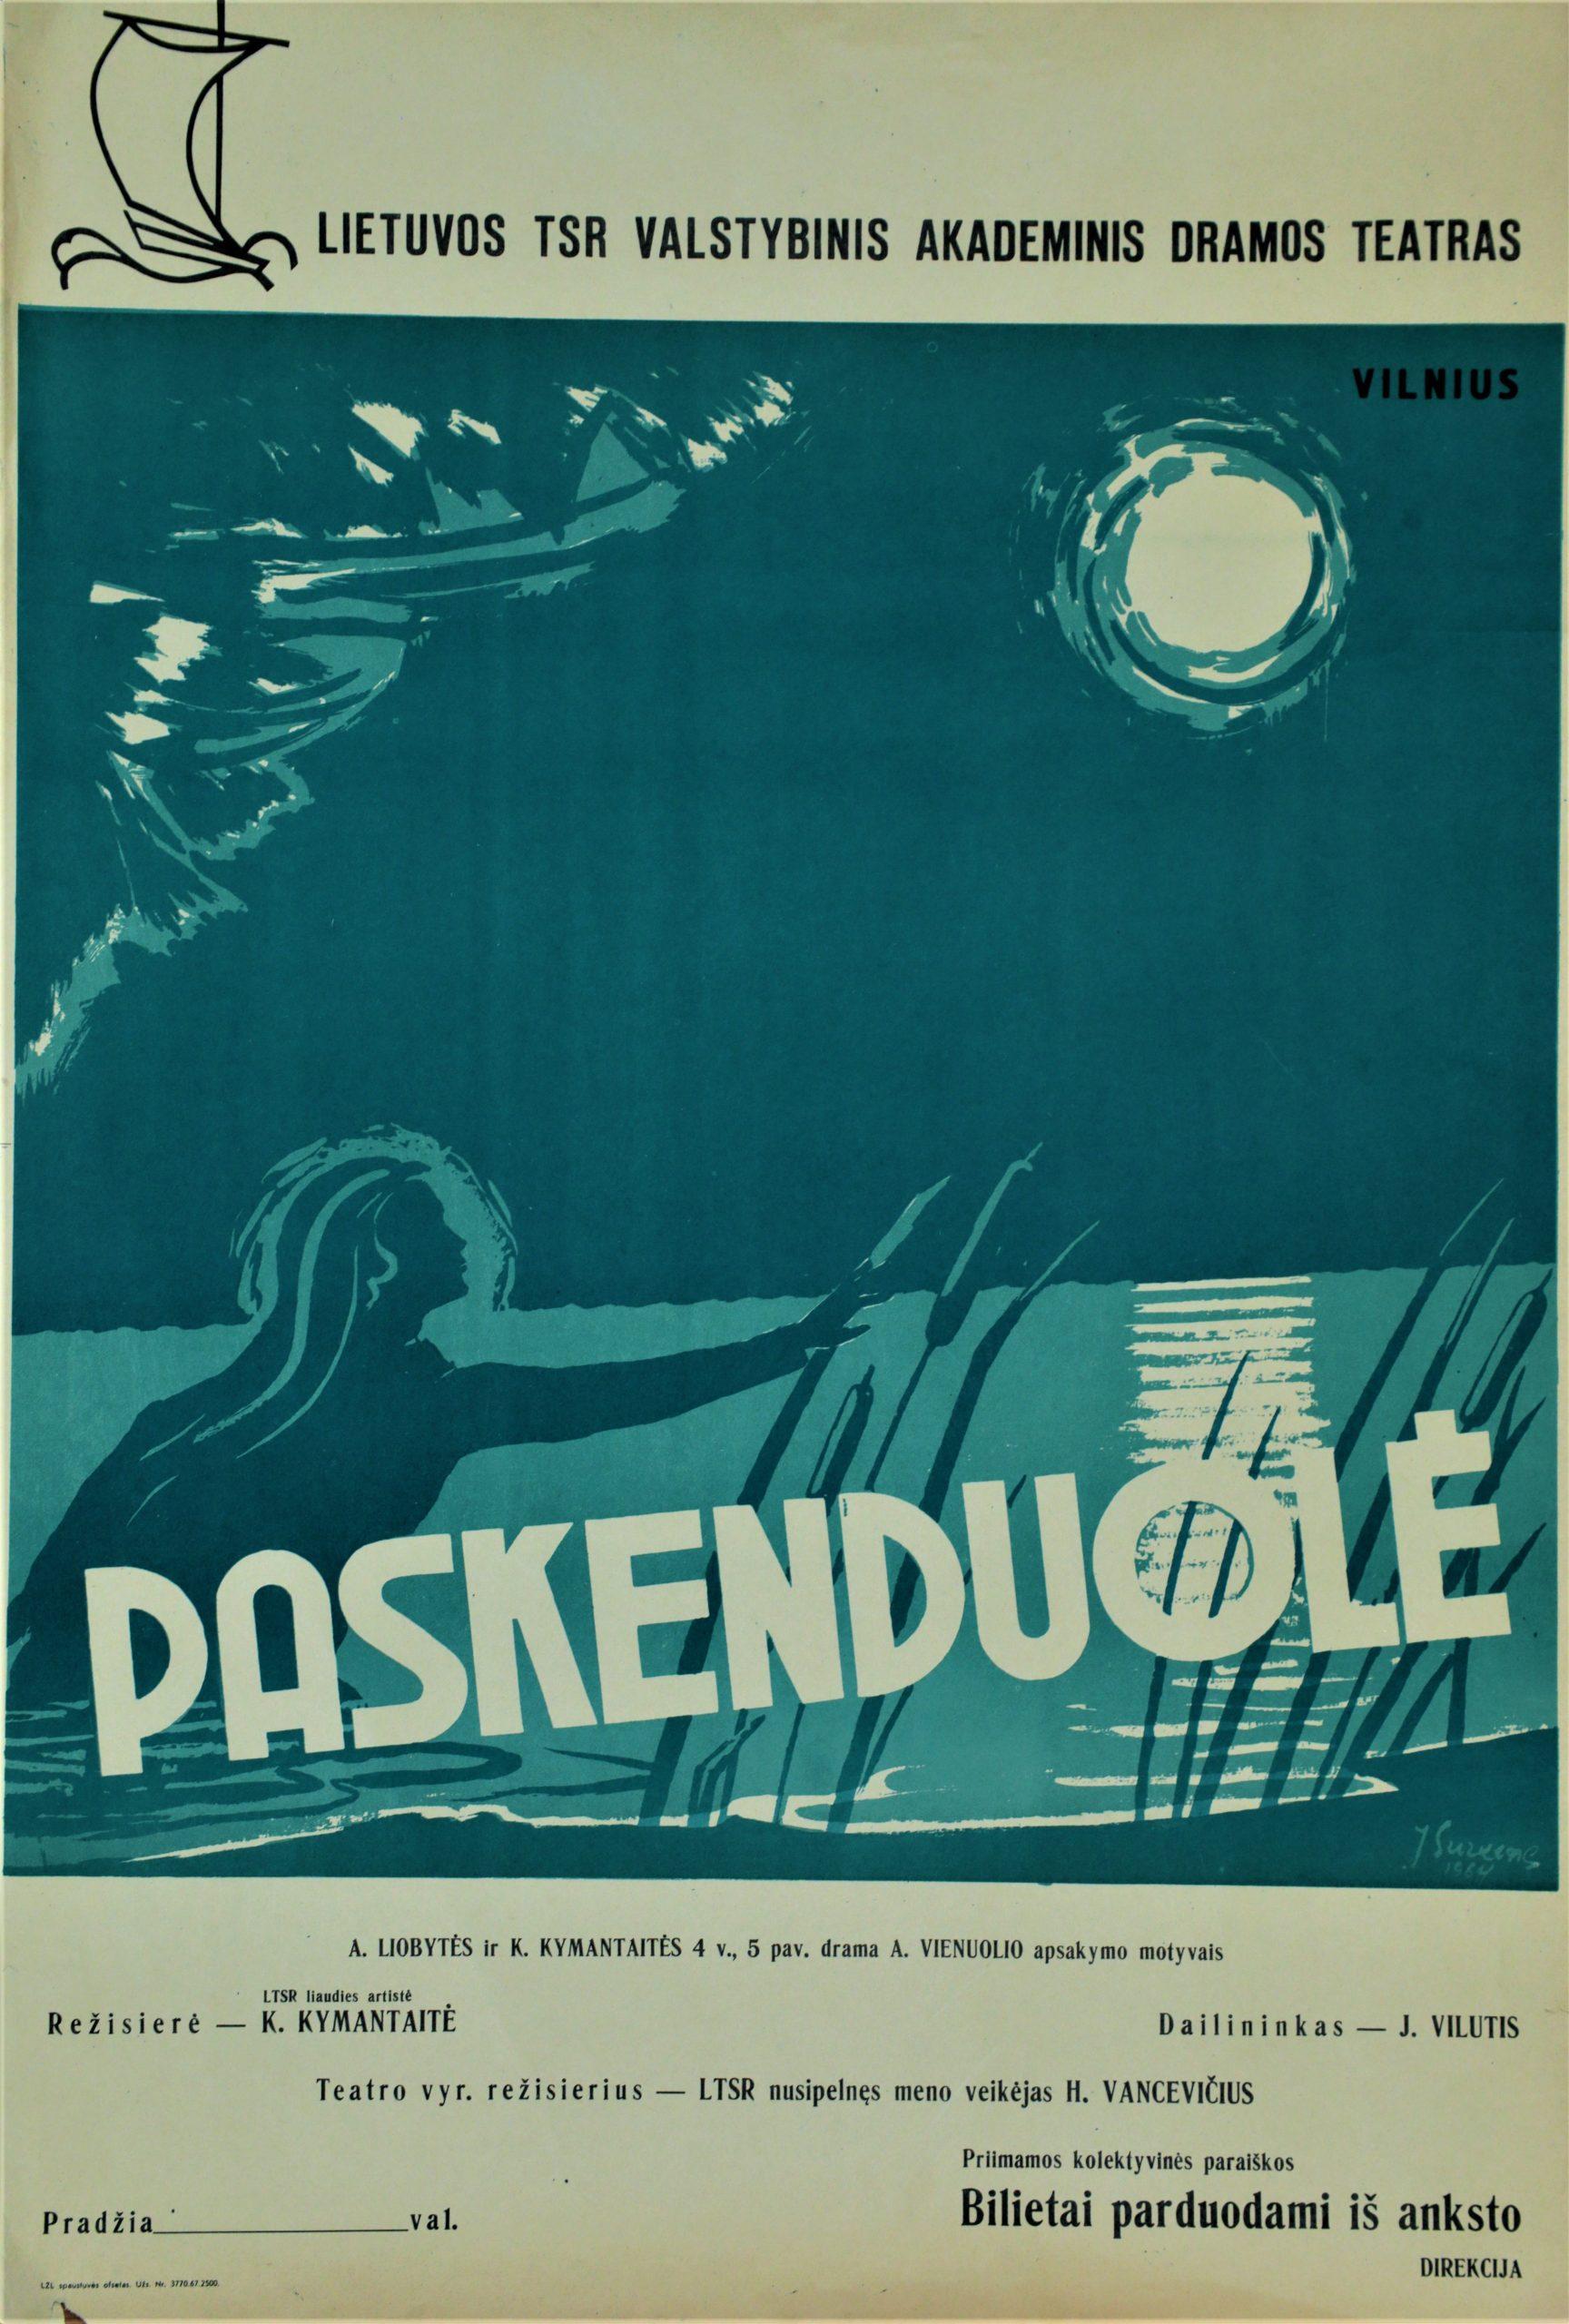 """A. Vienuolis """"Paskenduolė"""", režisierė K. Kymantaitė, LTSR Valstybinis akademinis dramos teatras, 1964 m."""